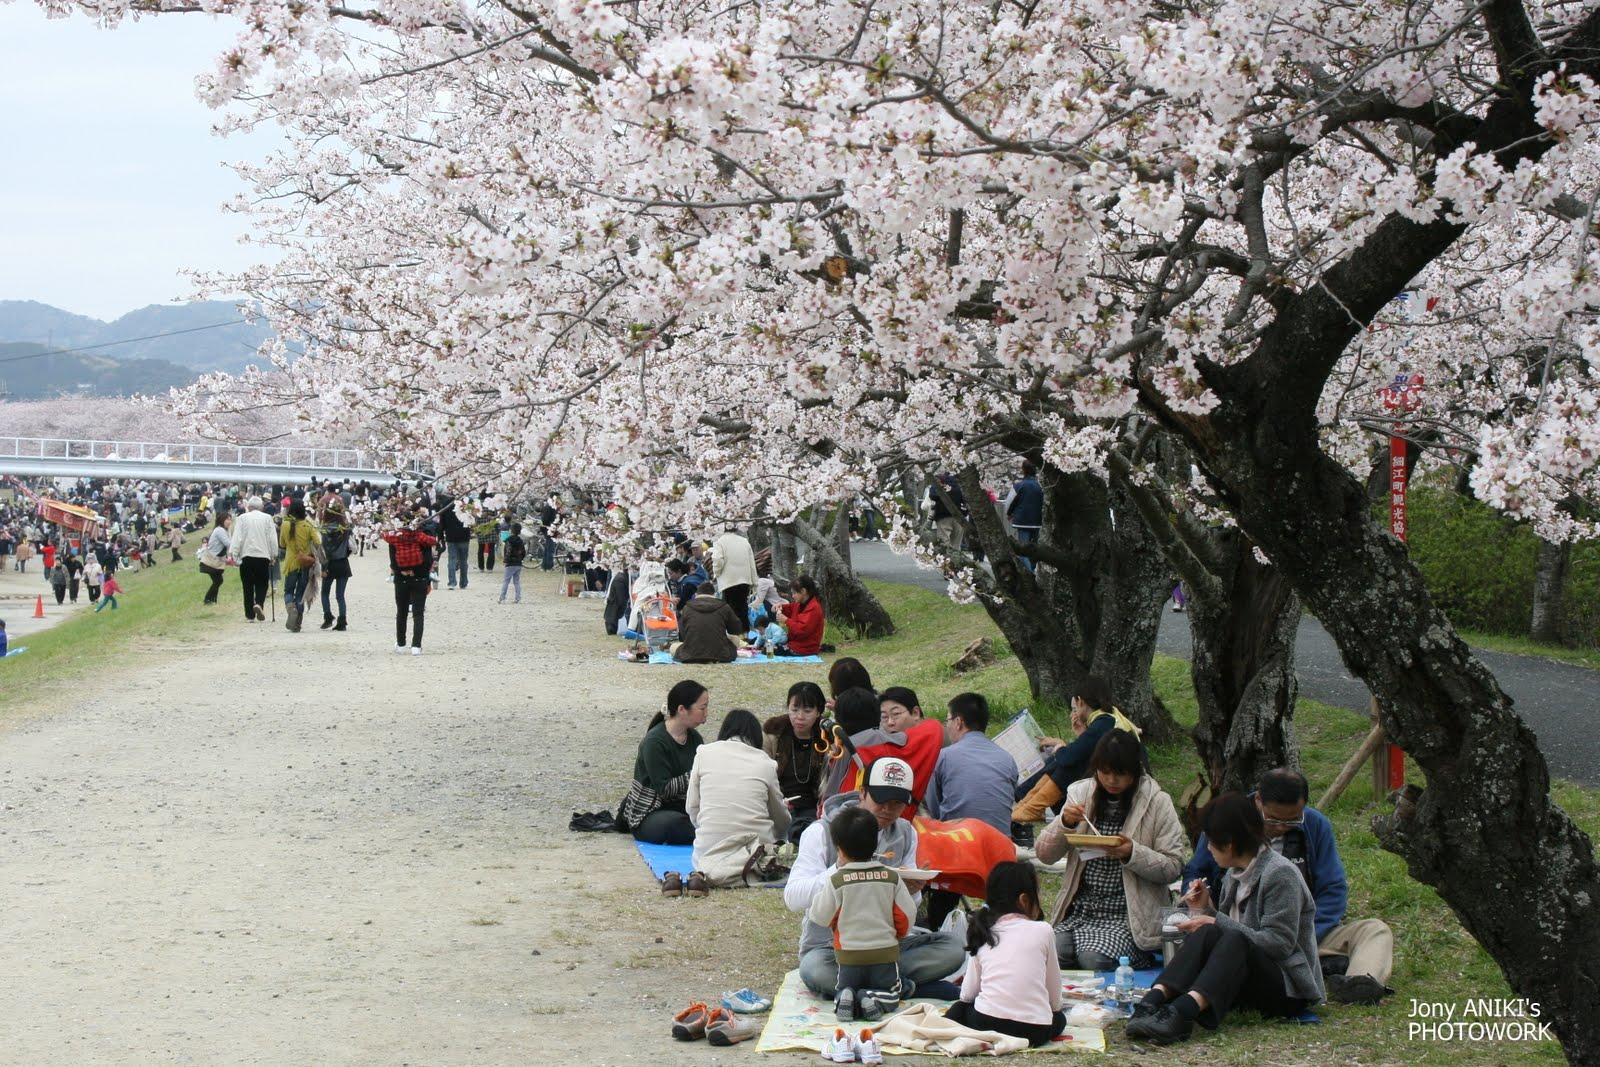 foto-foto-pemandangan-bunga-sakura-jepang-10